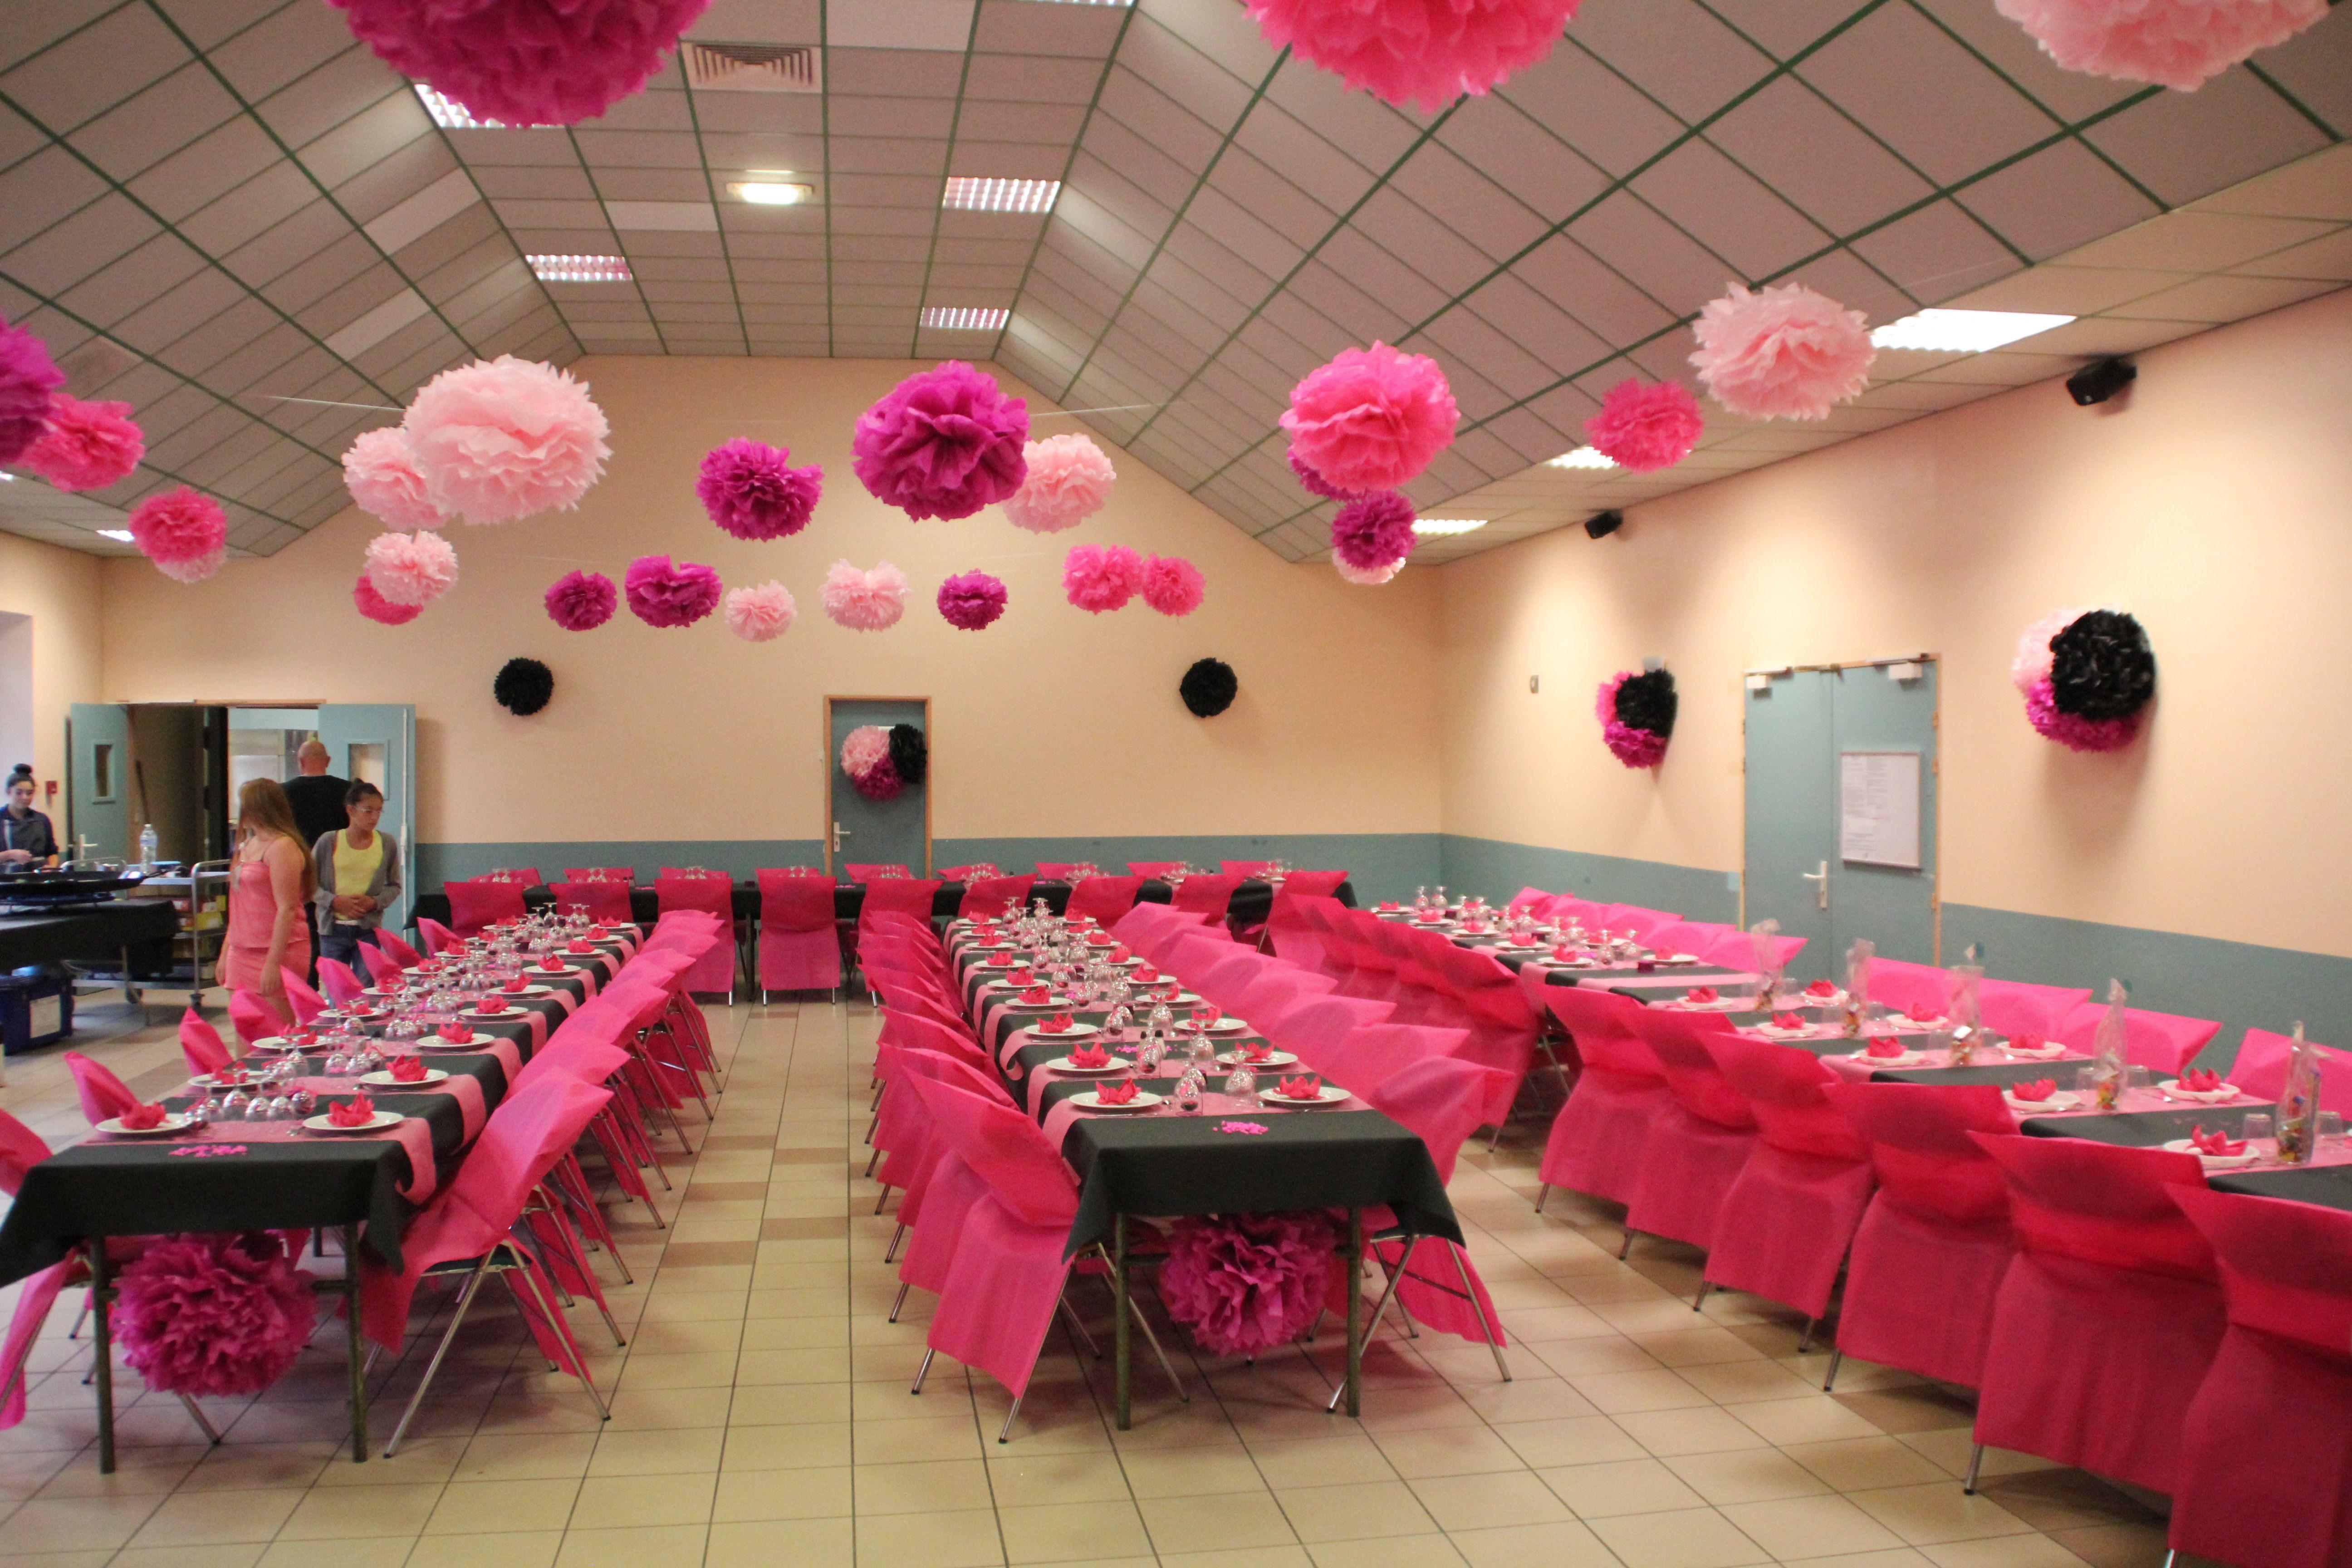 Decoration Salle Des Fetes Anniversaire 18 Ans Unique Deco Salle